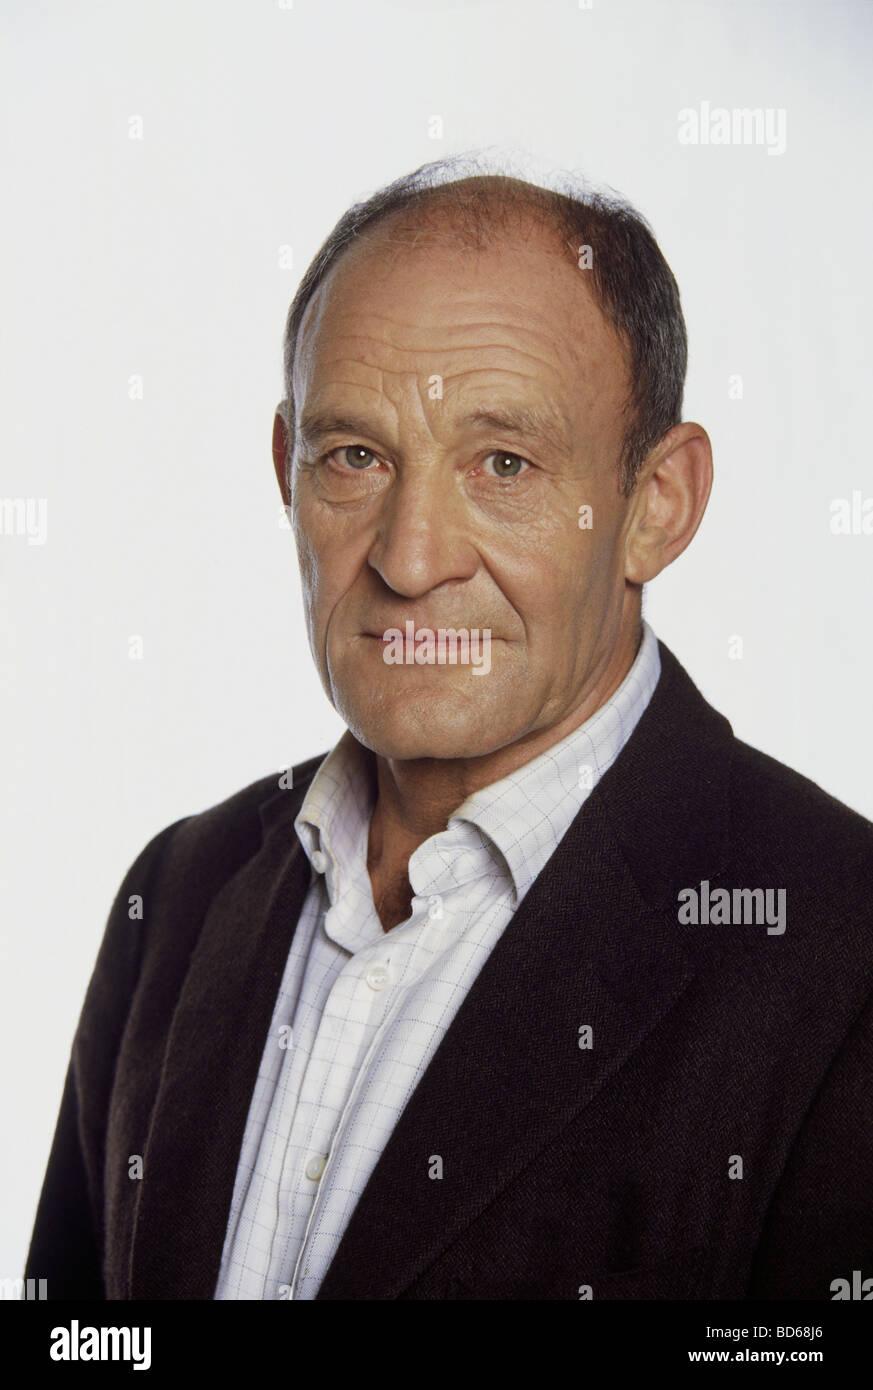 Mendl, Michael, * 20.4.1944, actor alemán, retrato, 2001, Additional-Rights-juegos-NA Imagen De Stock